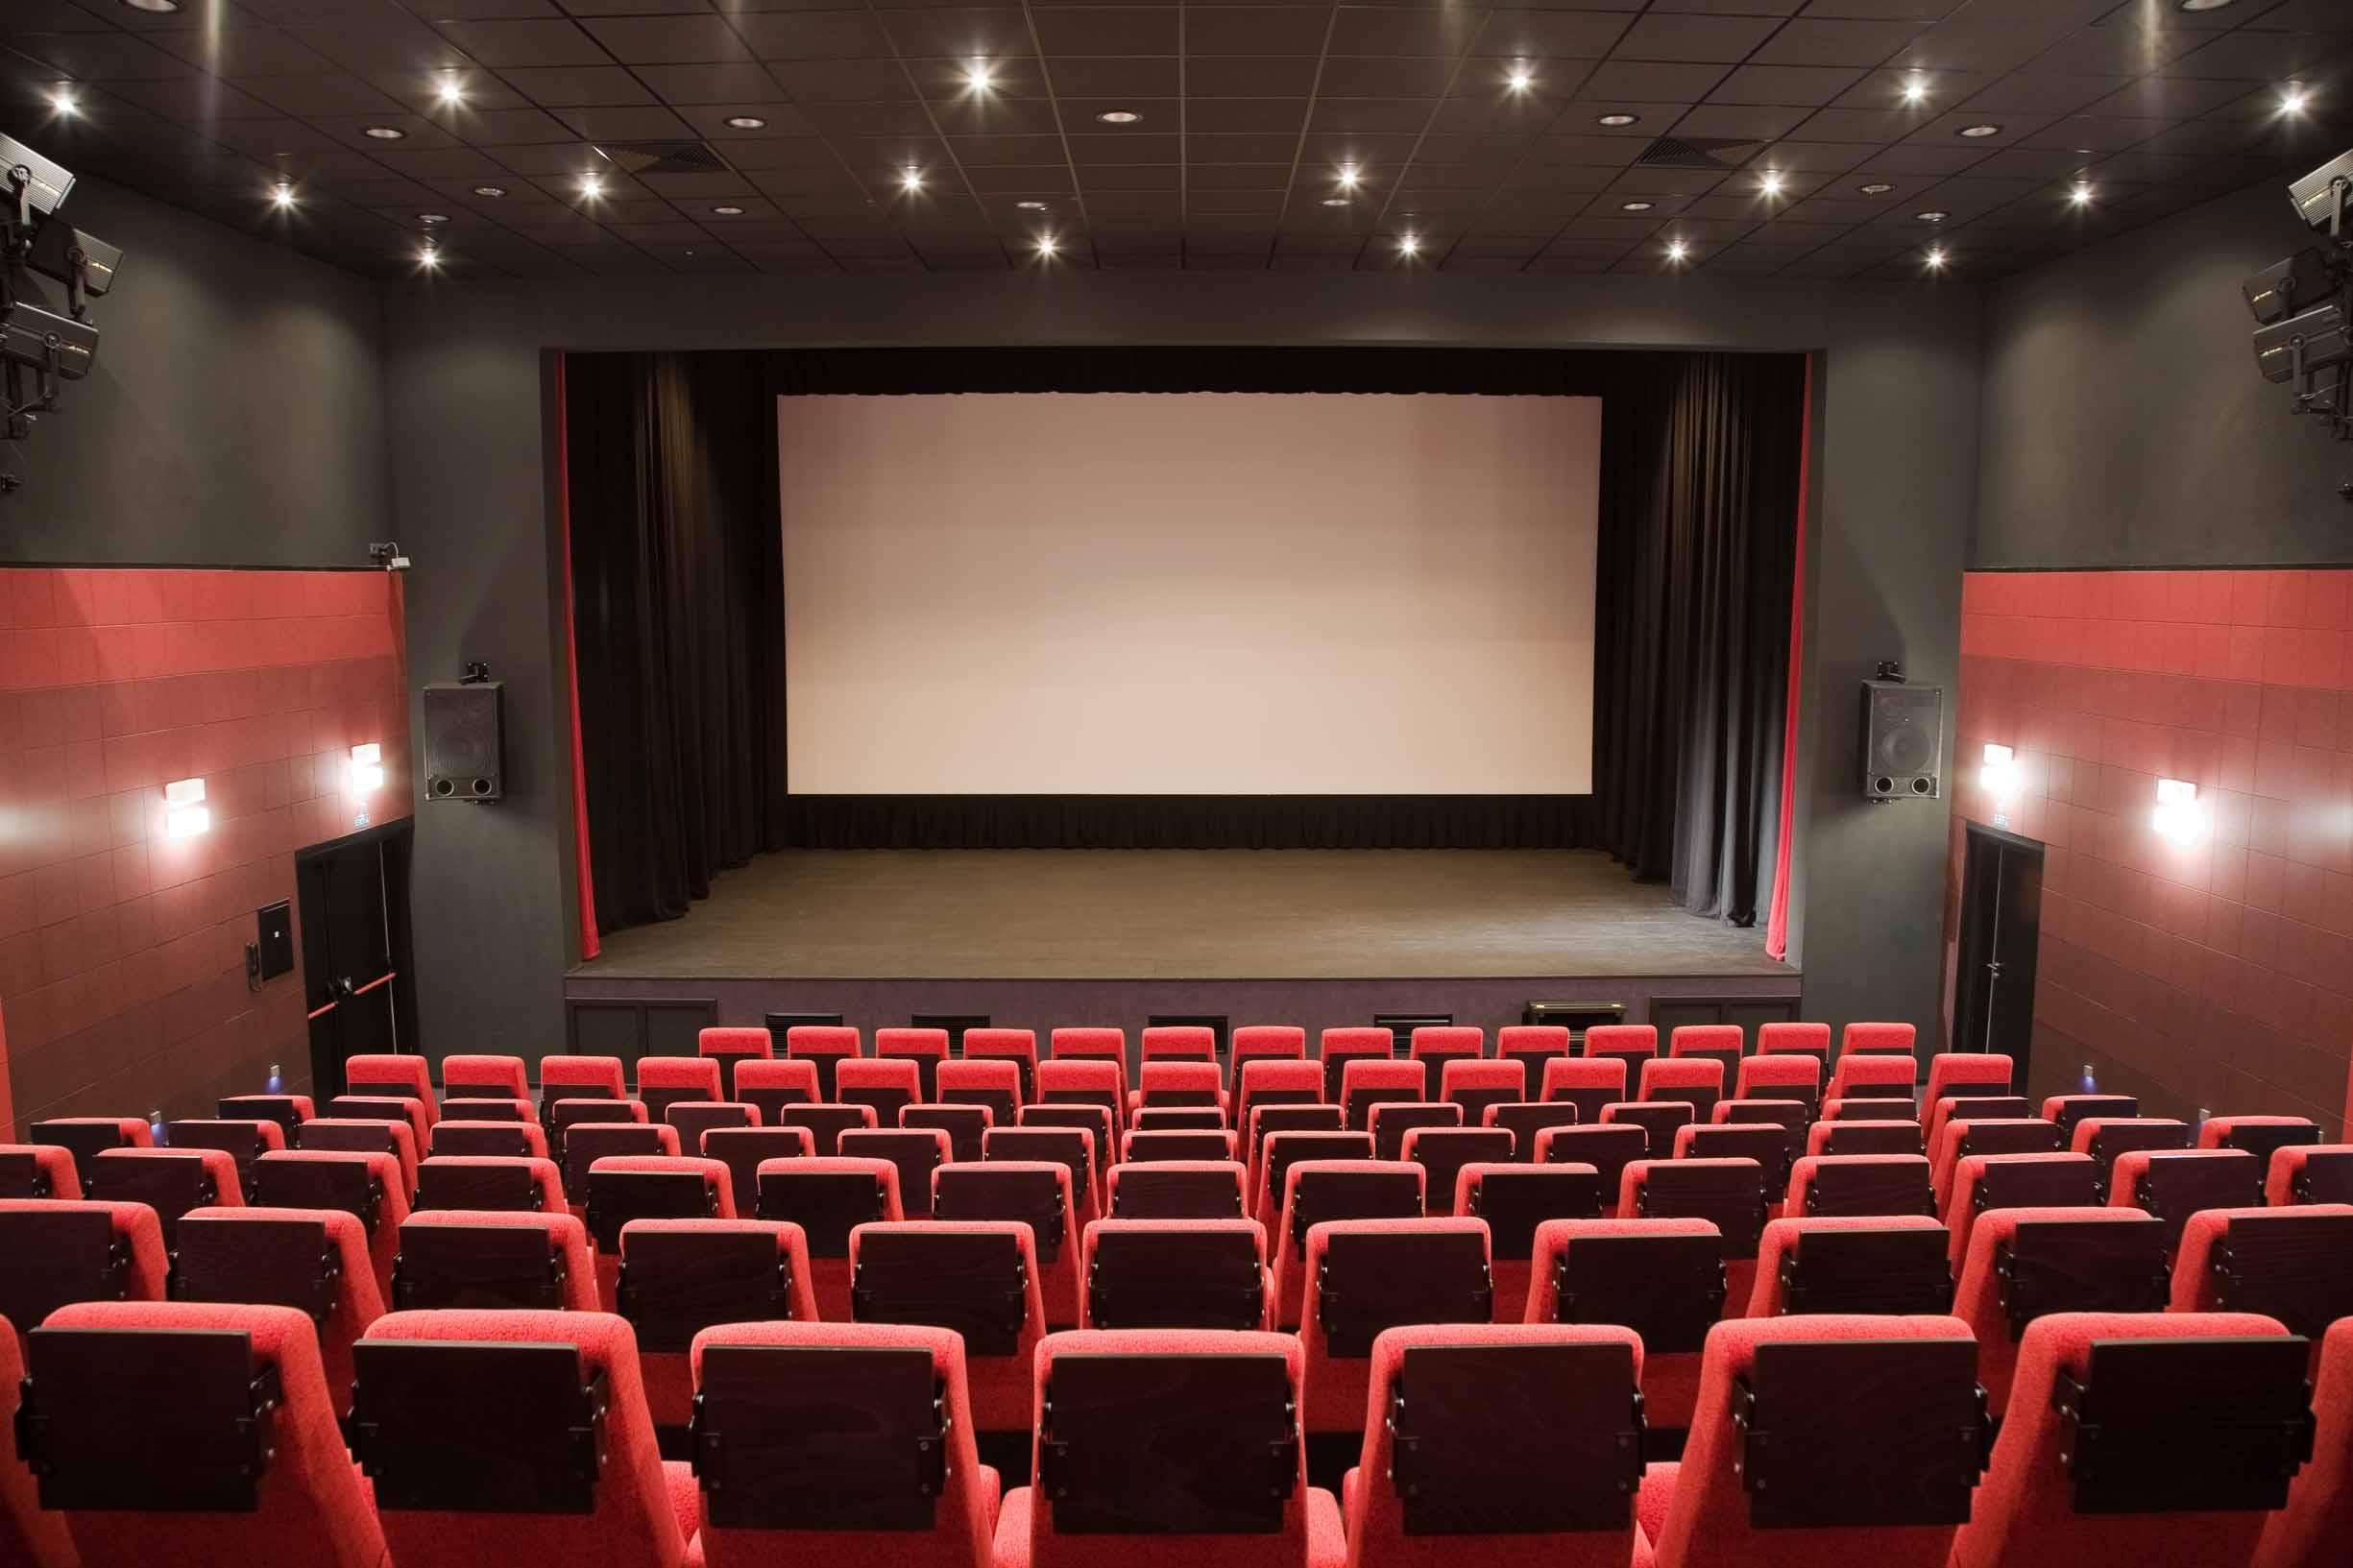 在电影院观看电影时最不能忍受哪种人?